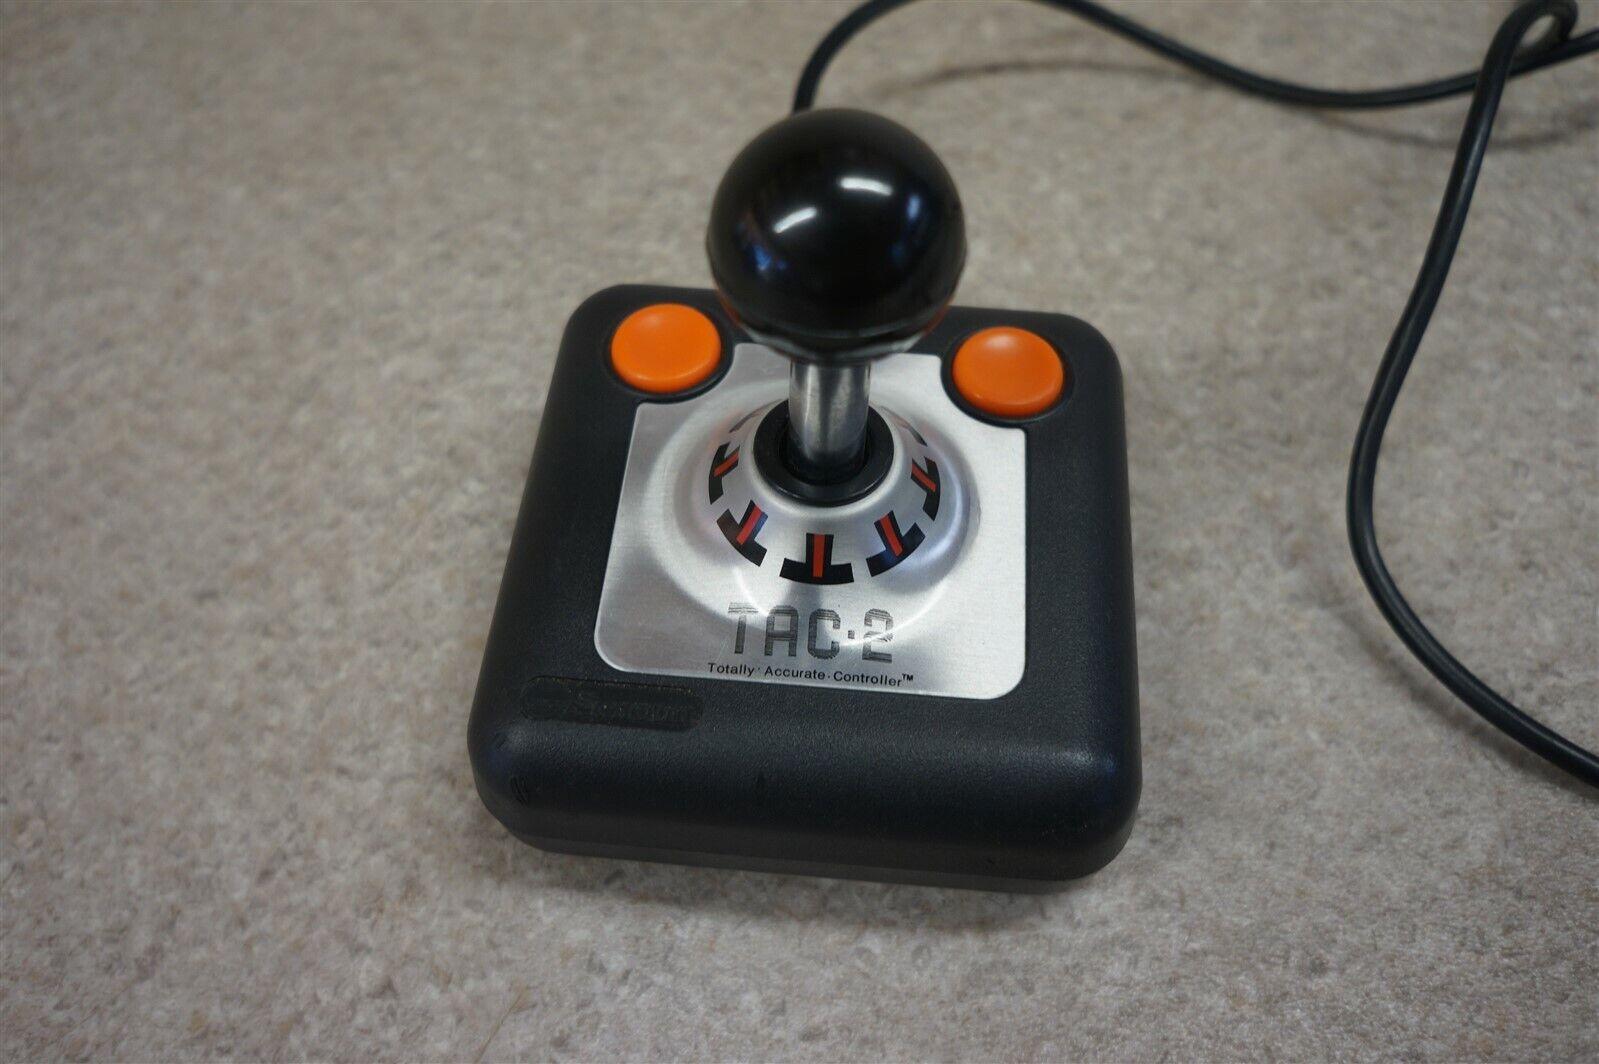 Atari 2600 Commodore 64 Tac-2 Tac 2 Joystick Controller -Working- - $25.00